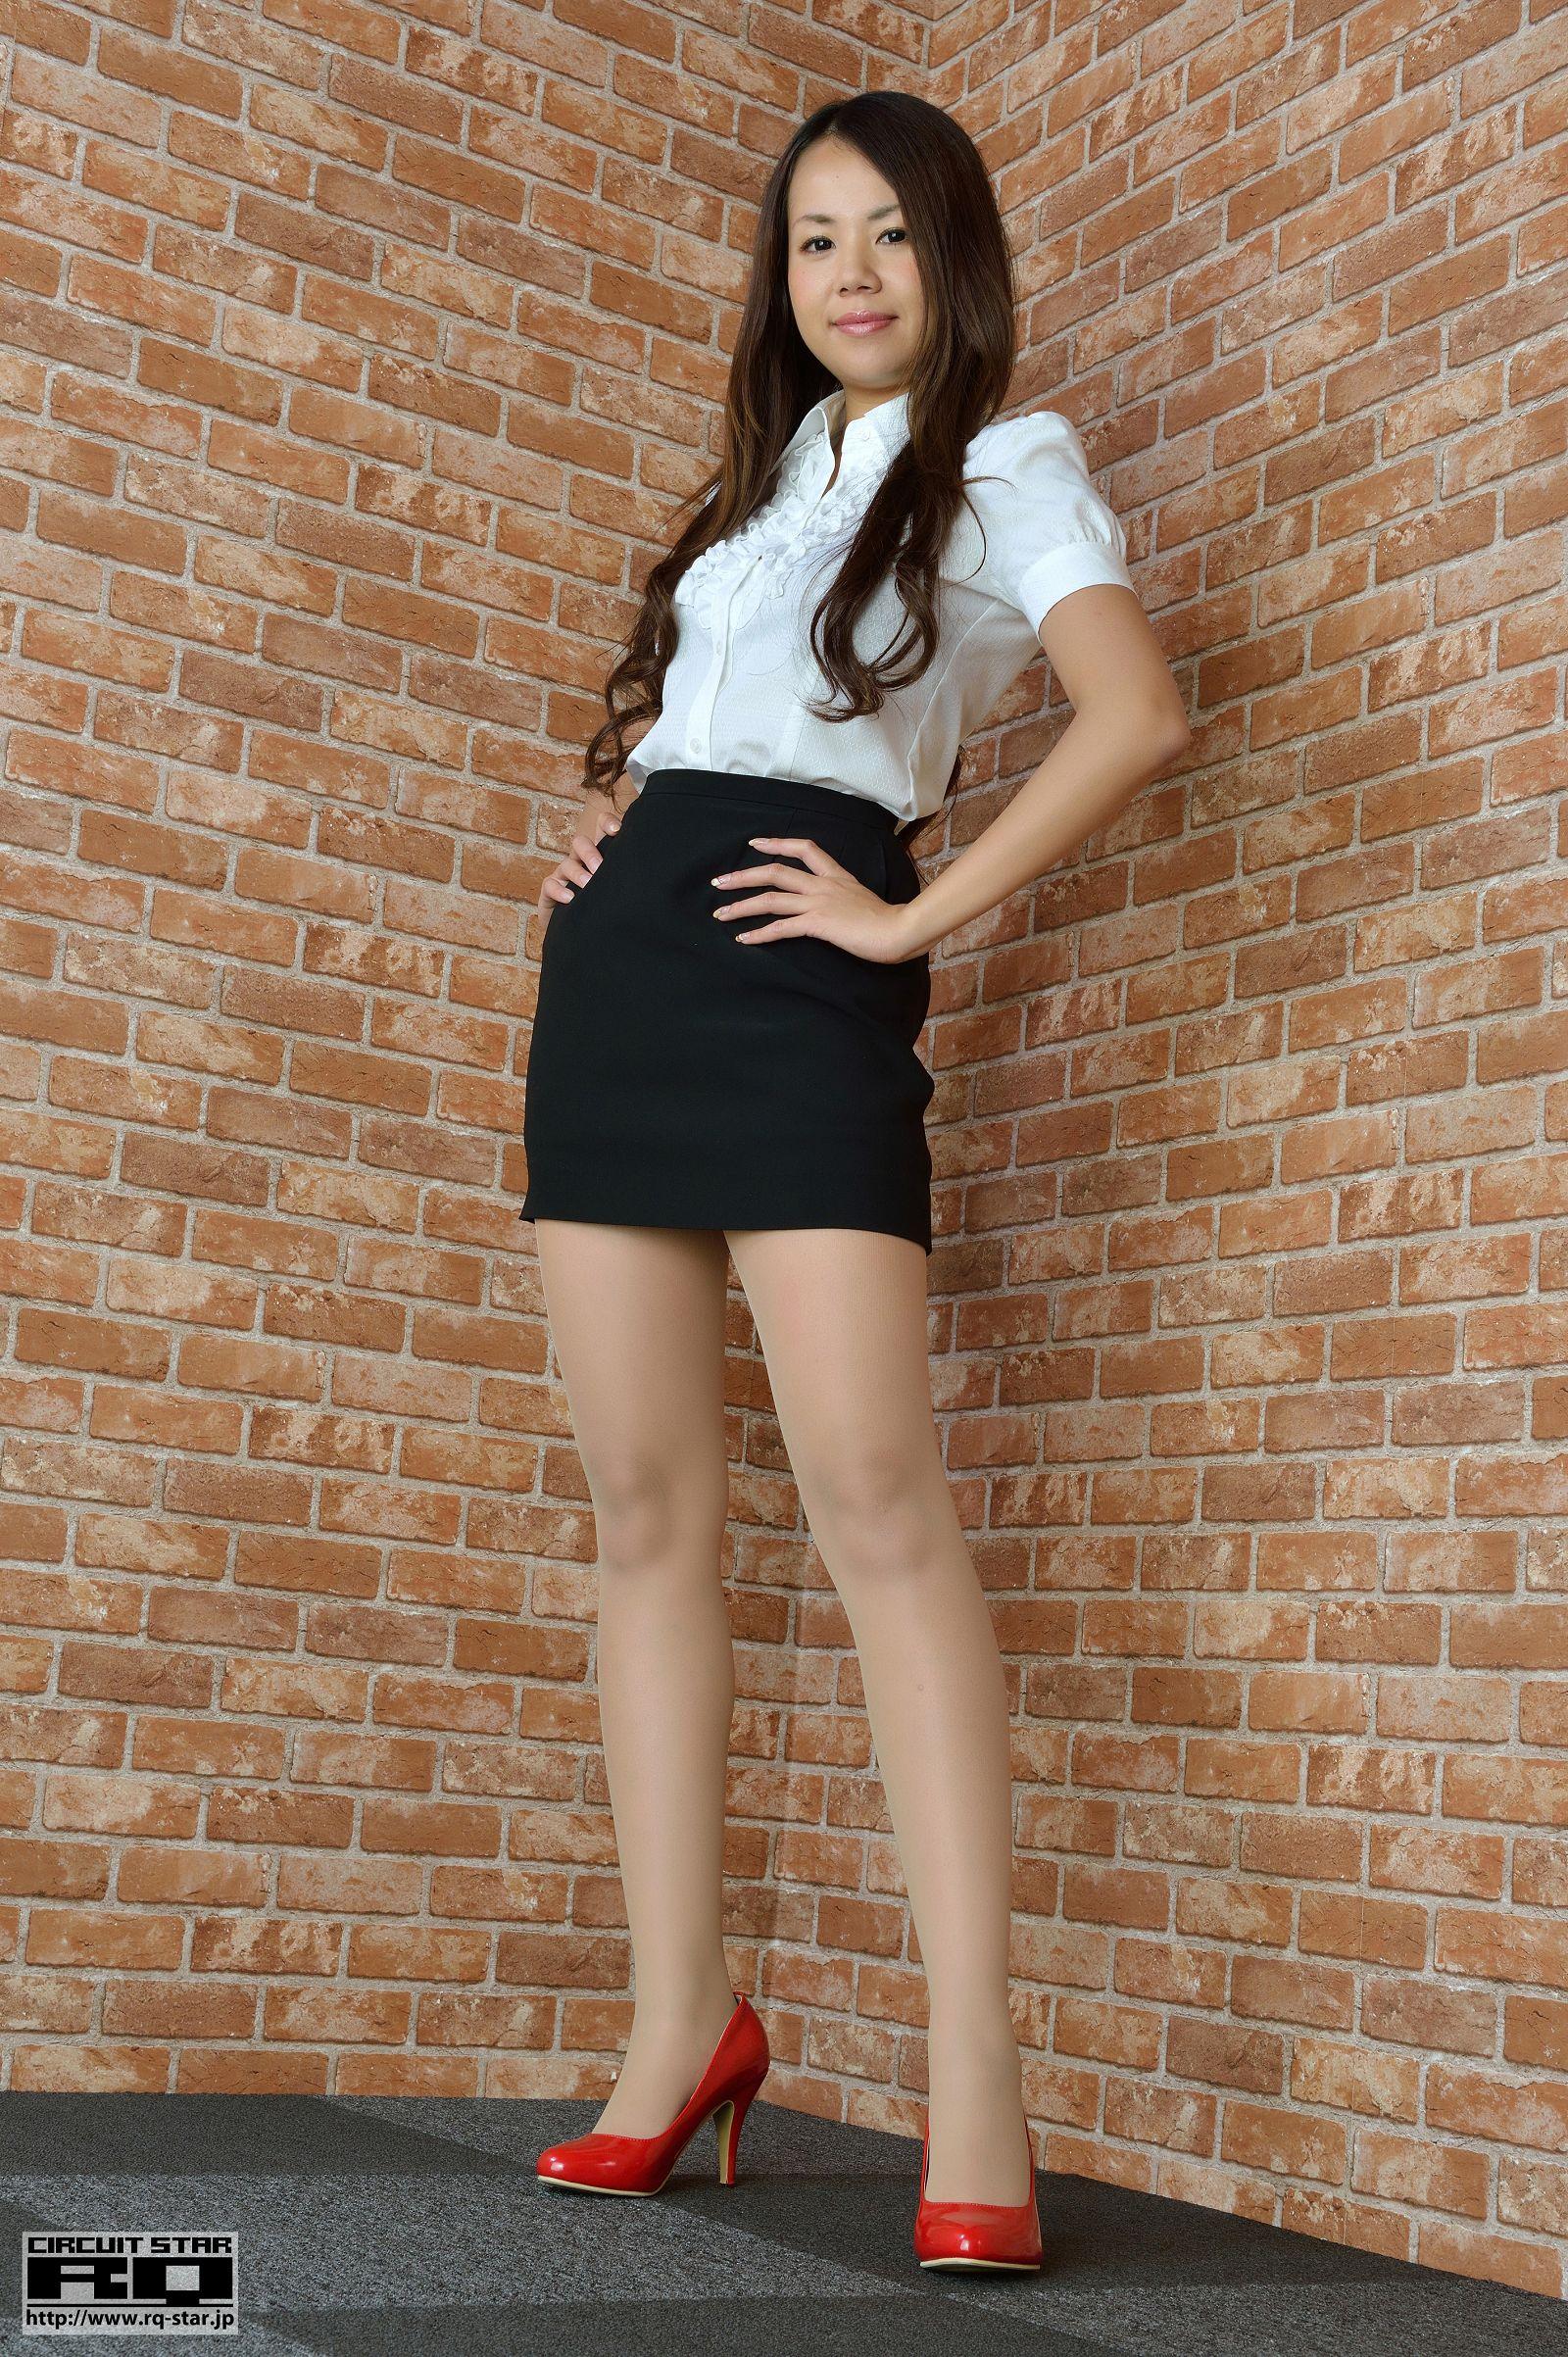 [RQ STAR美女] NO.00708 Mina Aida 會田ミナ Office Lady[80P] RQ STAR 第1张